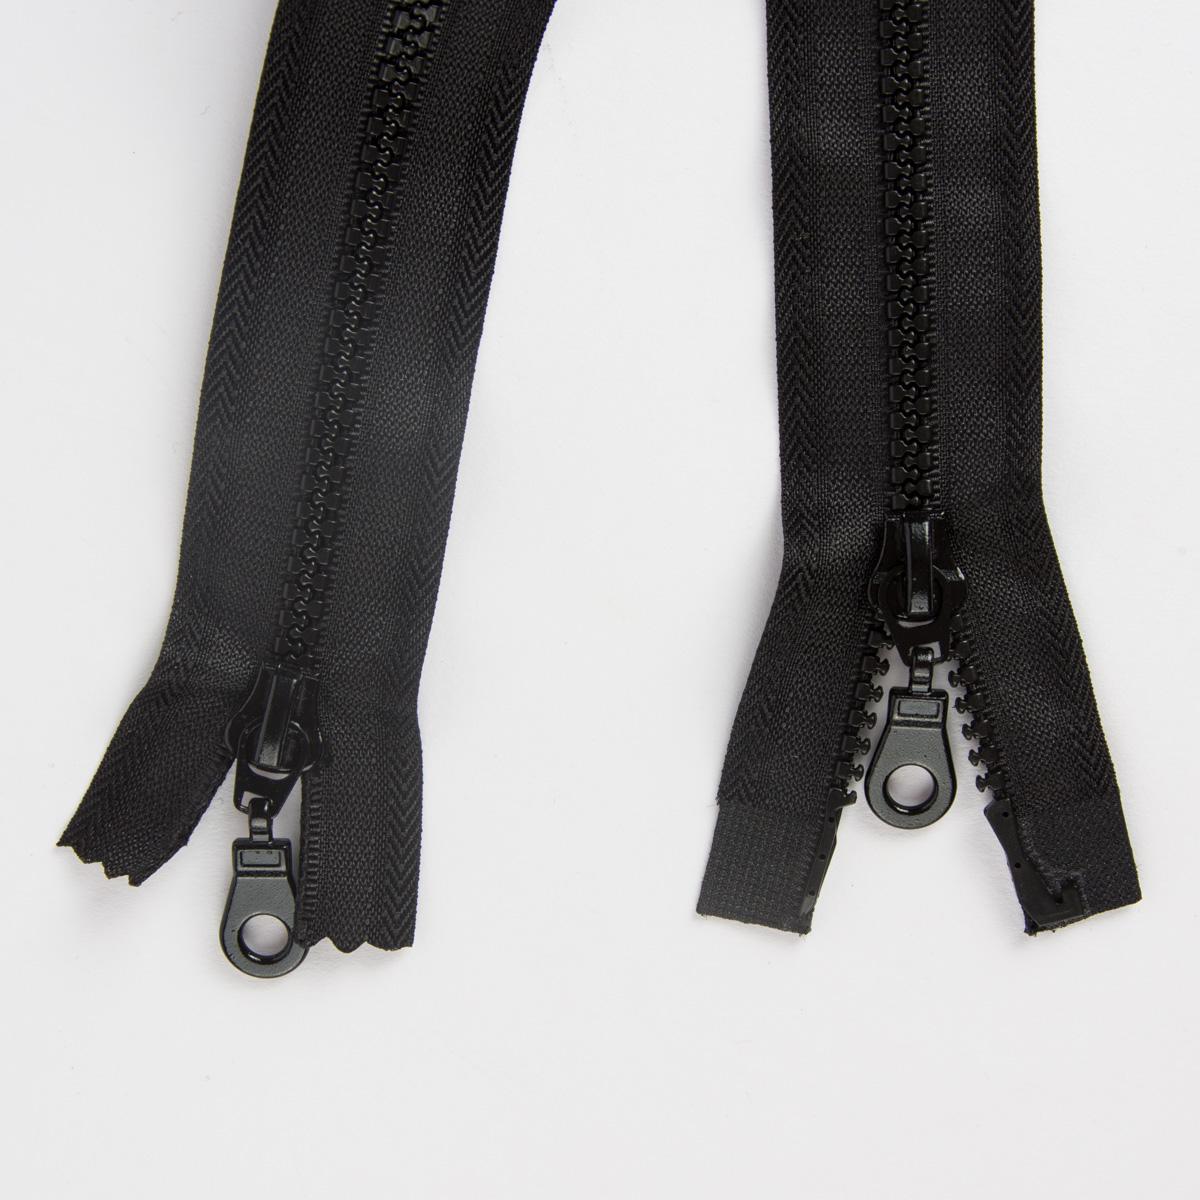 Prym Reißverschluss 2 Wege teilbar Kunststoff Col. 000 schwarz 65cm